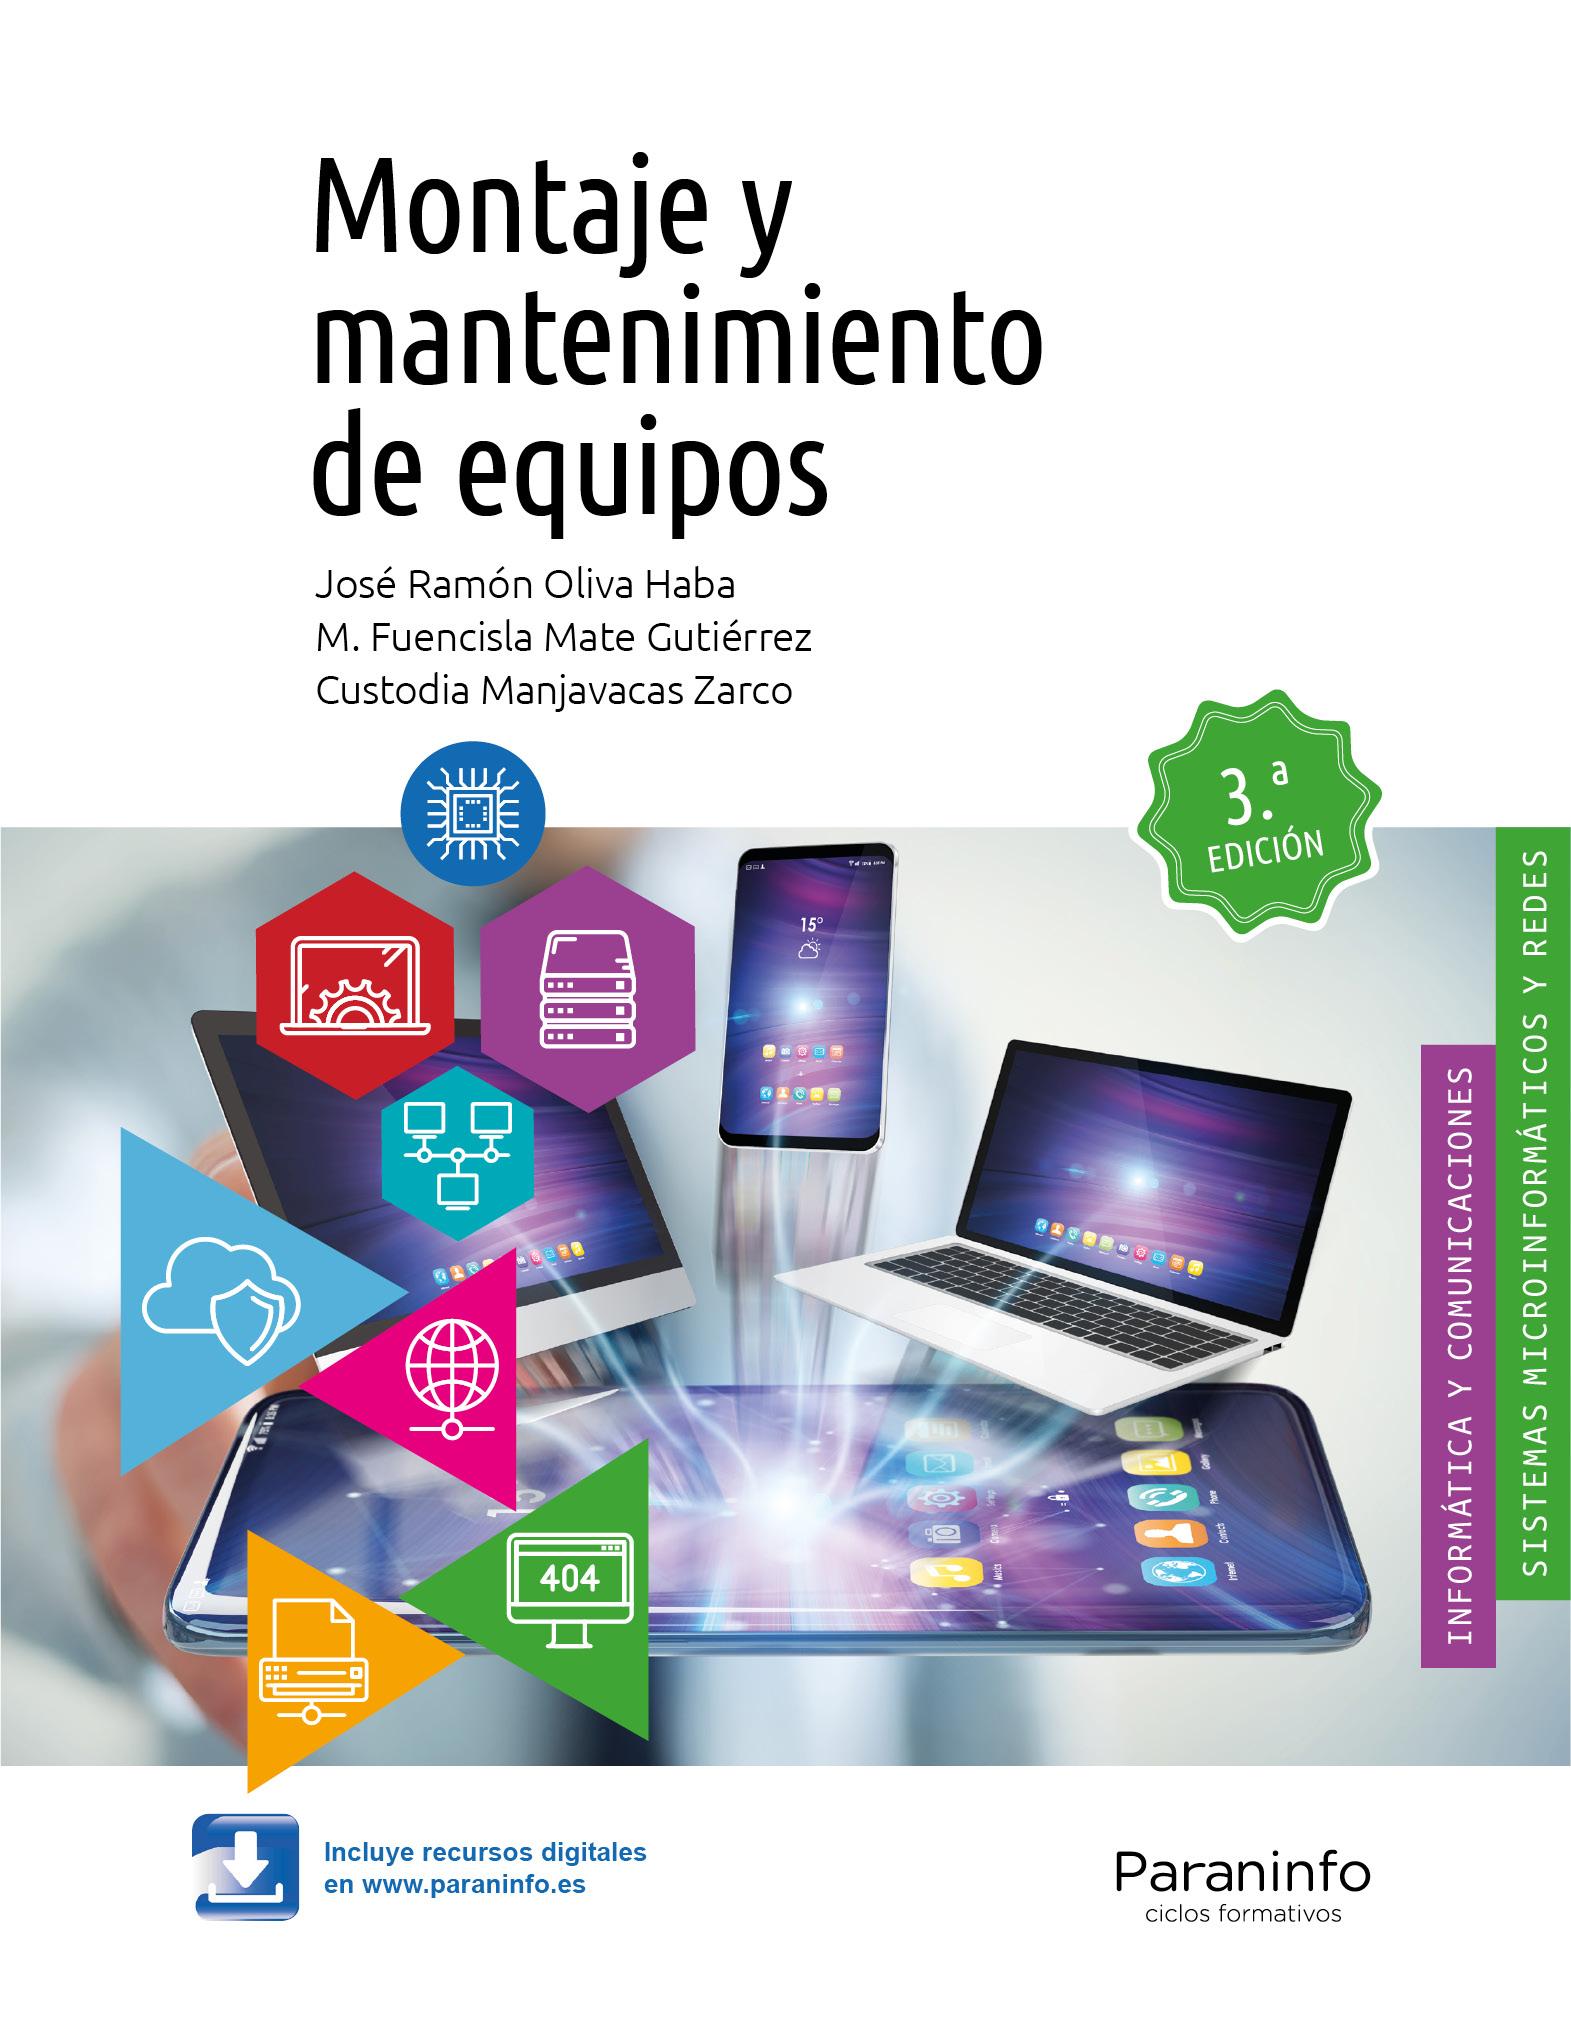 Montaje y mantenimiento de equipos de José Ramón Oliva Haba, Custodia Manjavacas Zarco y M. Fuencisla Mate Gutiérrez